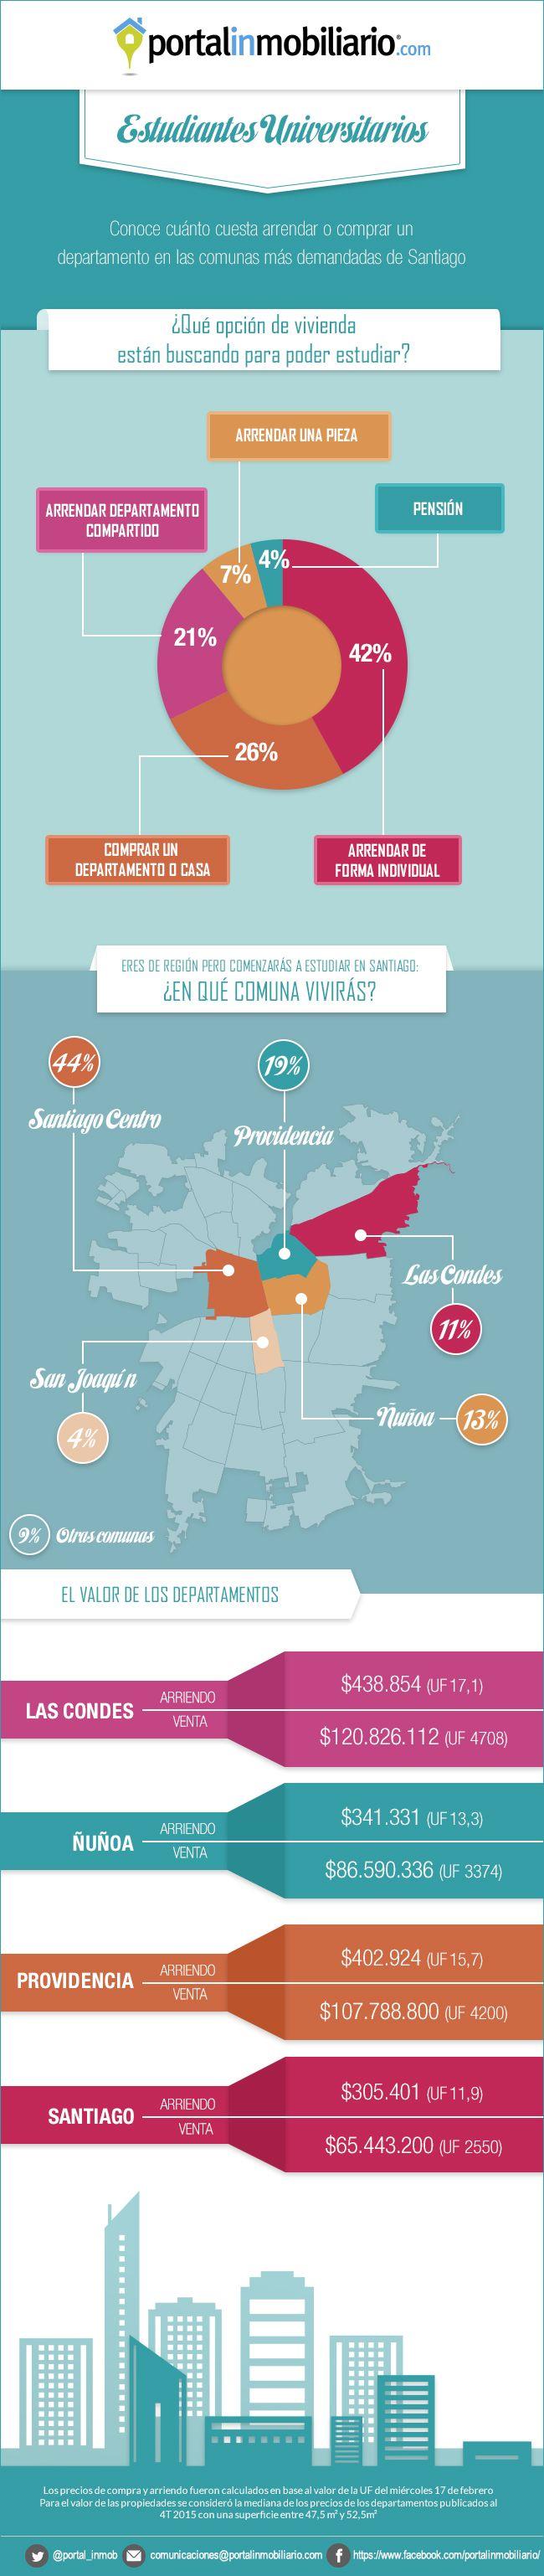 Revisa el estudio de Portalinmobiliario.com y conoce dónde y cómo quieren vivir los estudiantes de educación superior: http://www.portalinmobiliario.com/diario/noticia.asp?NoticiaID=22406